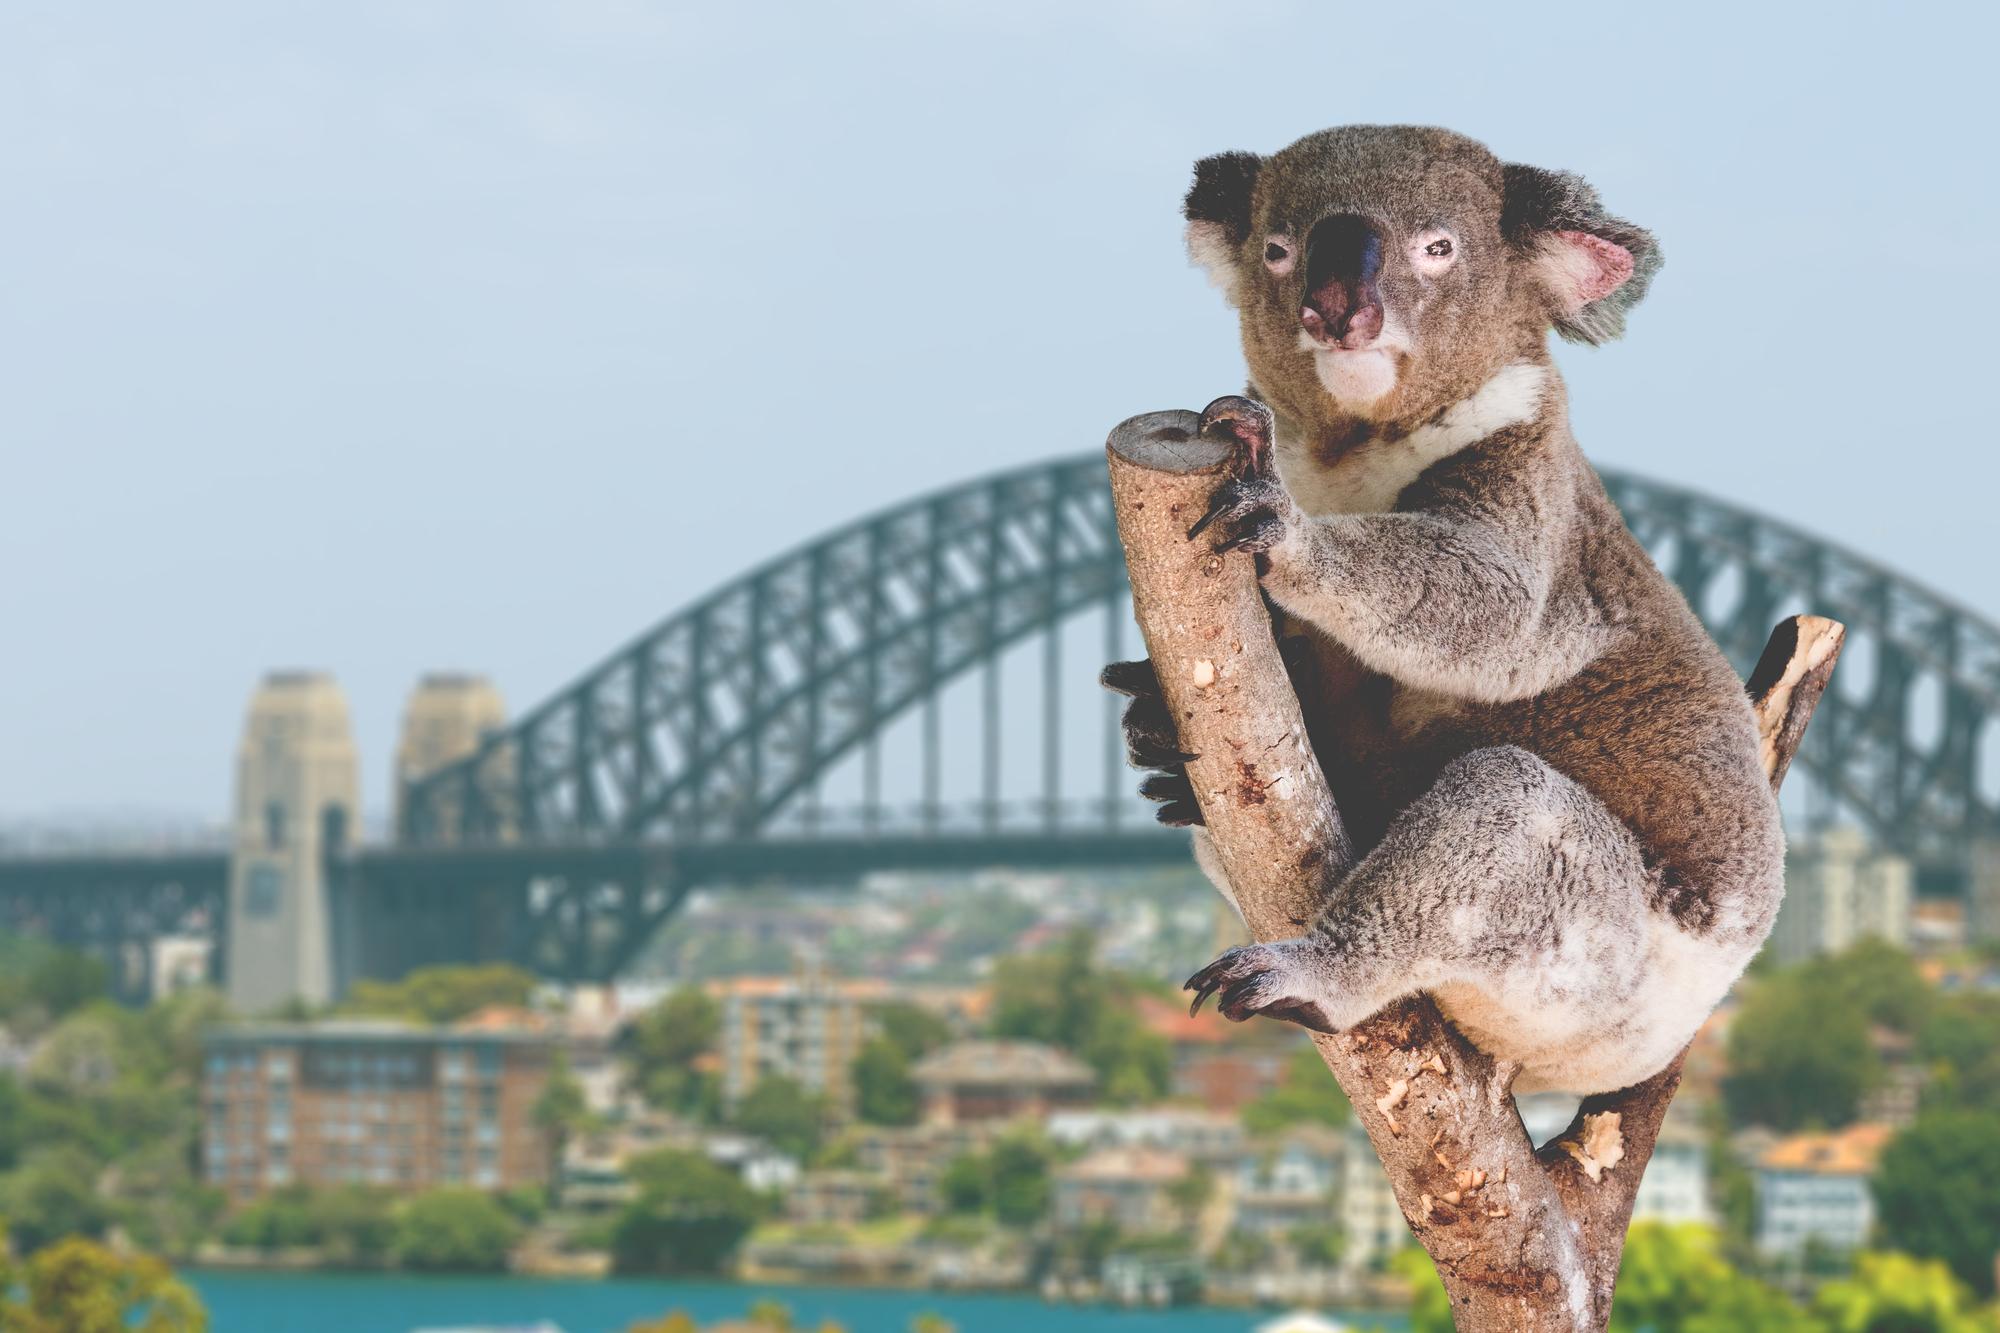 【双城记】澳大利亚6晚9天百变自由行【悉尼+西澳/粉红湖/尖峰石阵/野花】